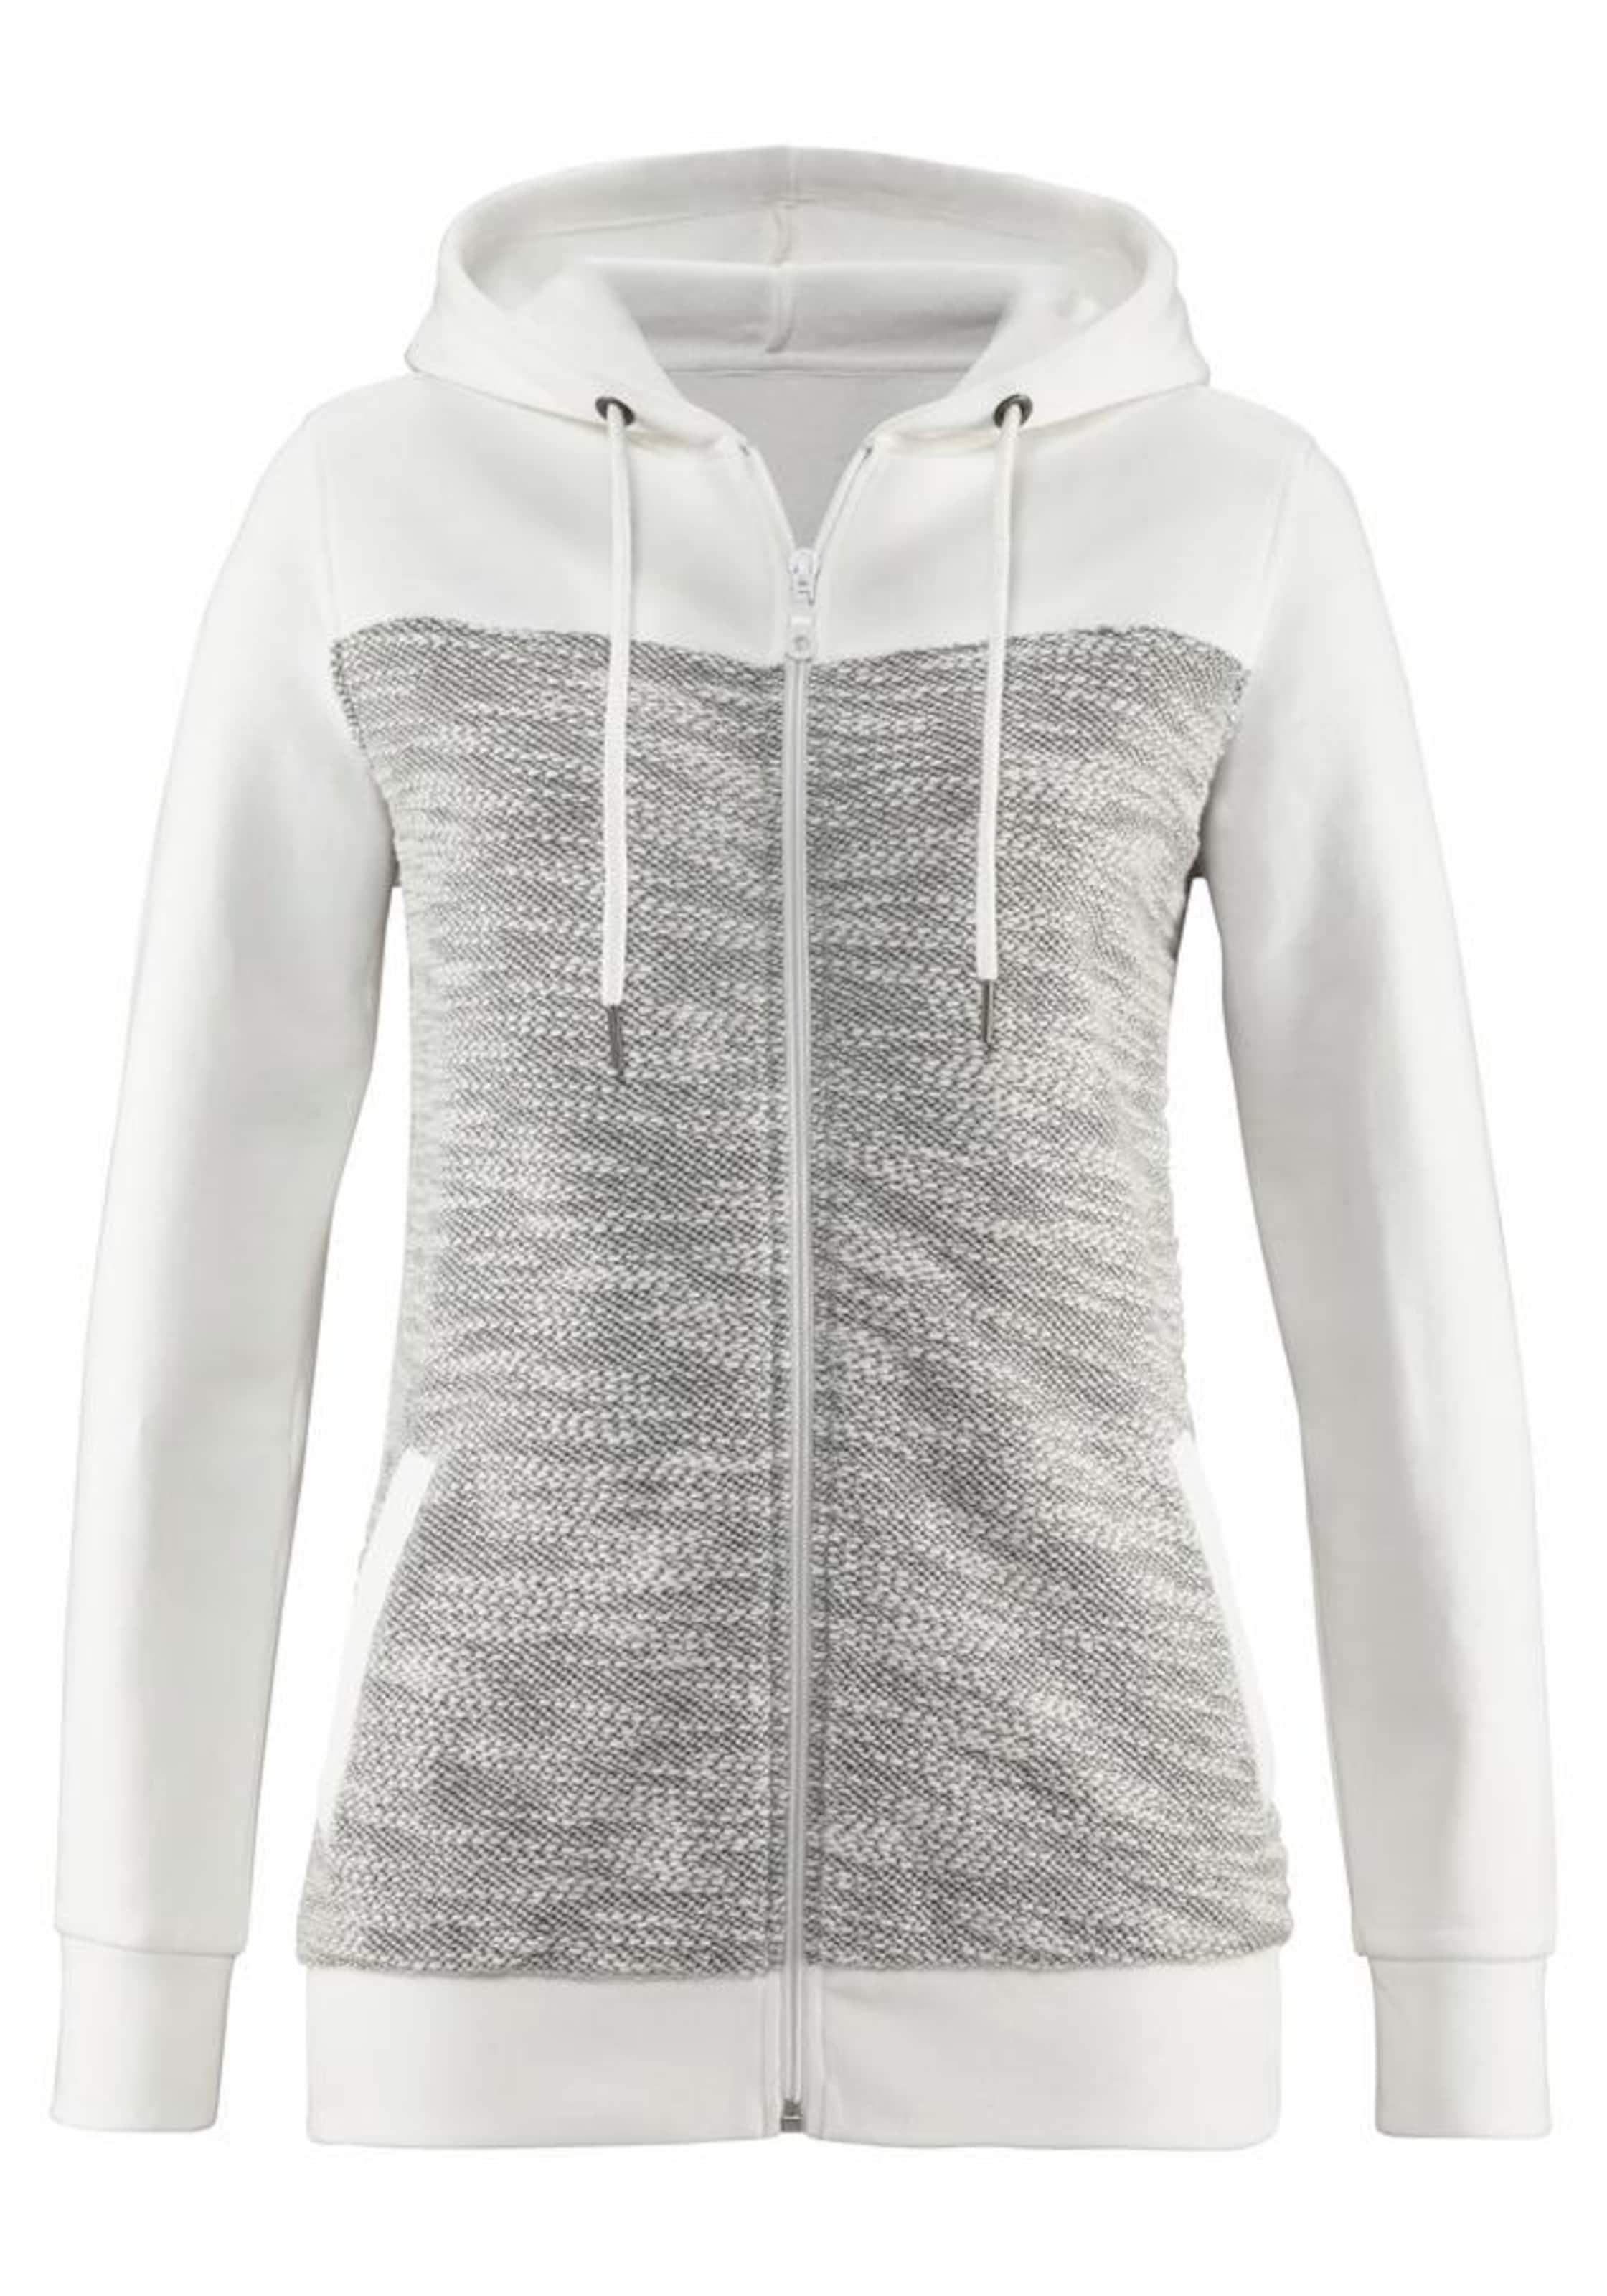 BUFFALO Homewearjacke im modernen Melange-Materialmix Rabatt Mit Paypal Heißen Verkauf Günstig Online Klassisch Günstiger Preis Spielraum Echt zvFW8